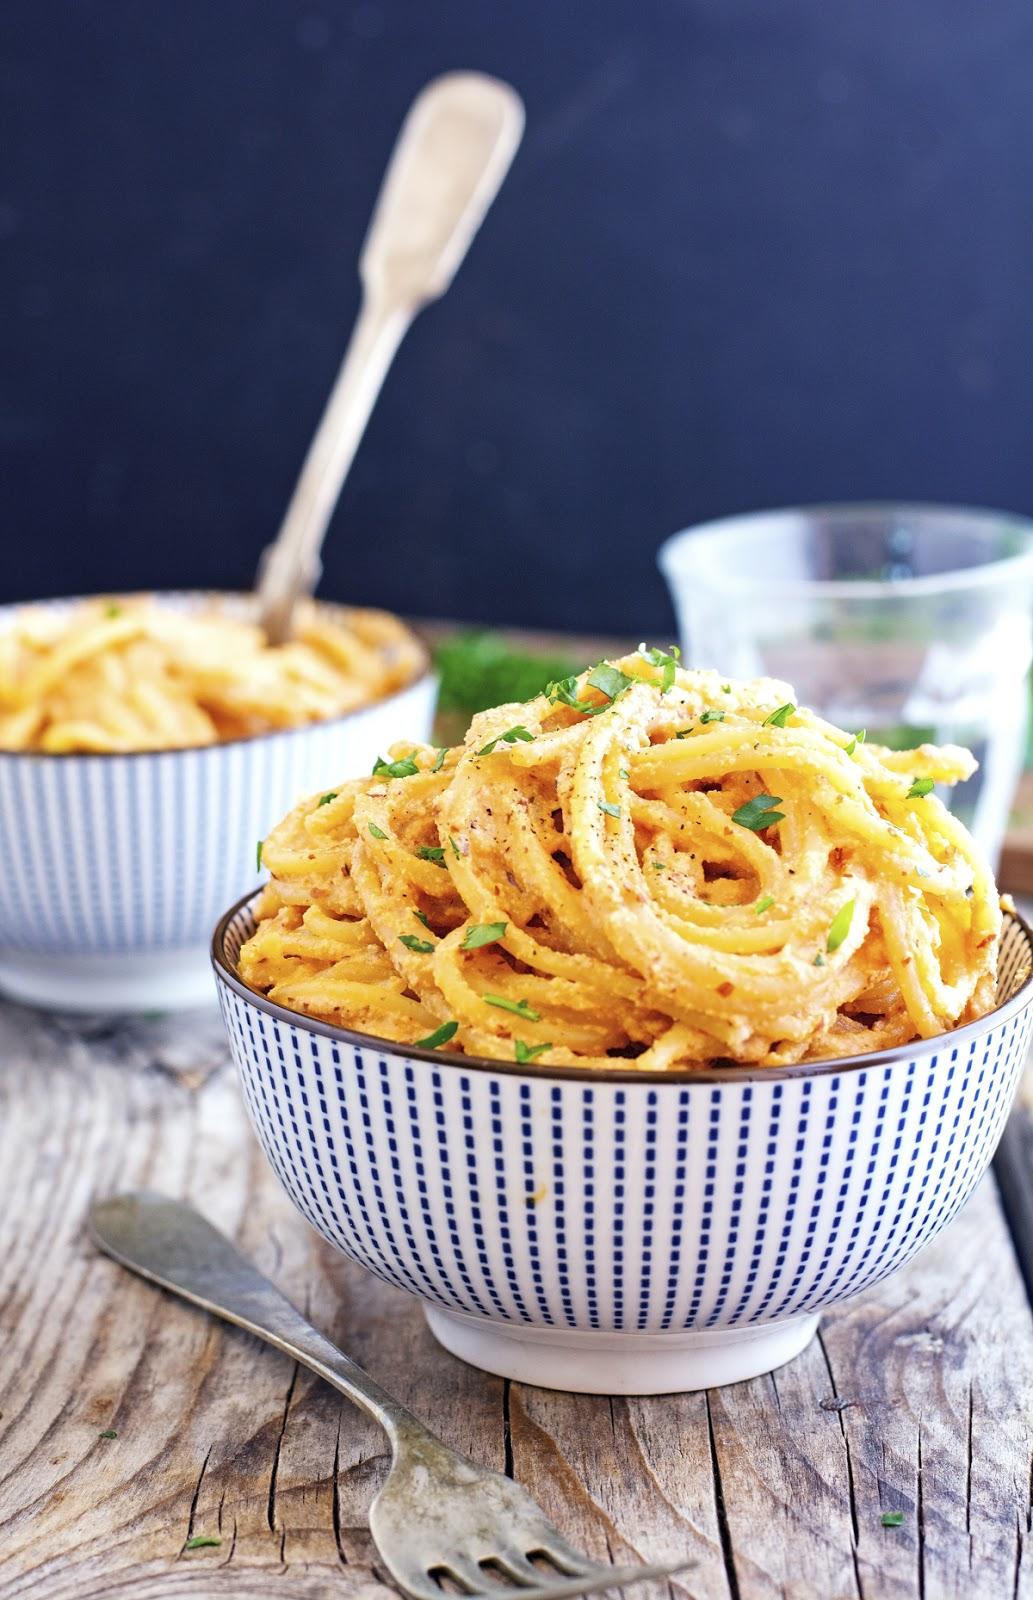 (Vegan) Creamy Chipotle Spaghetti